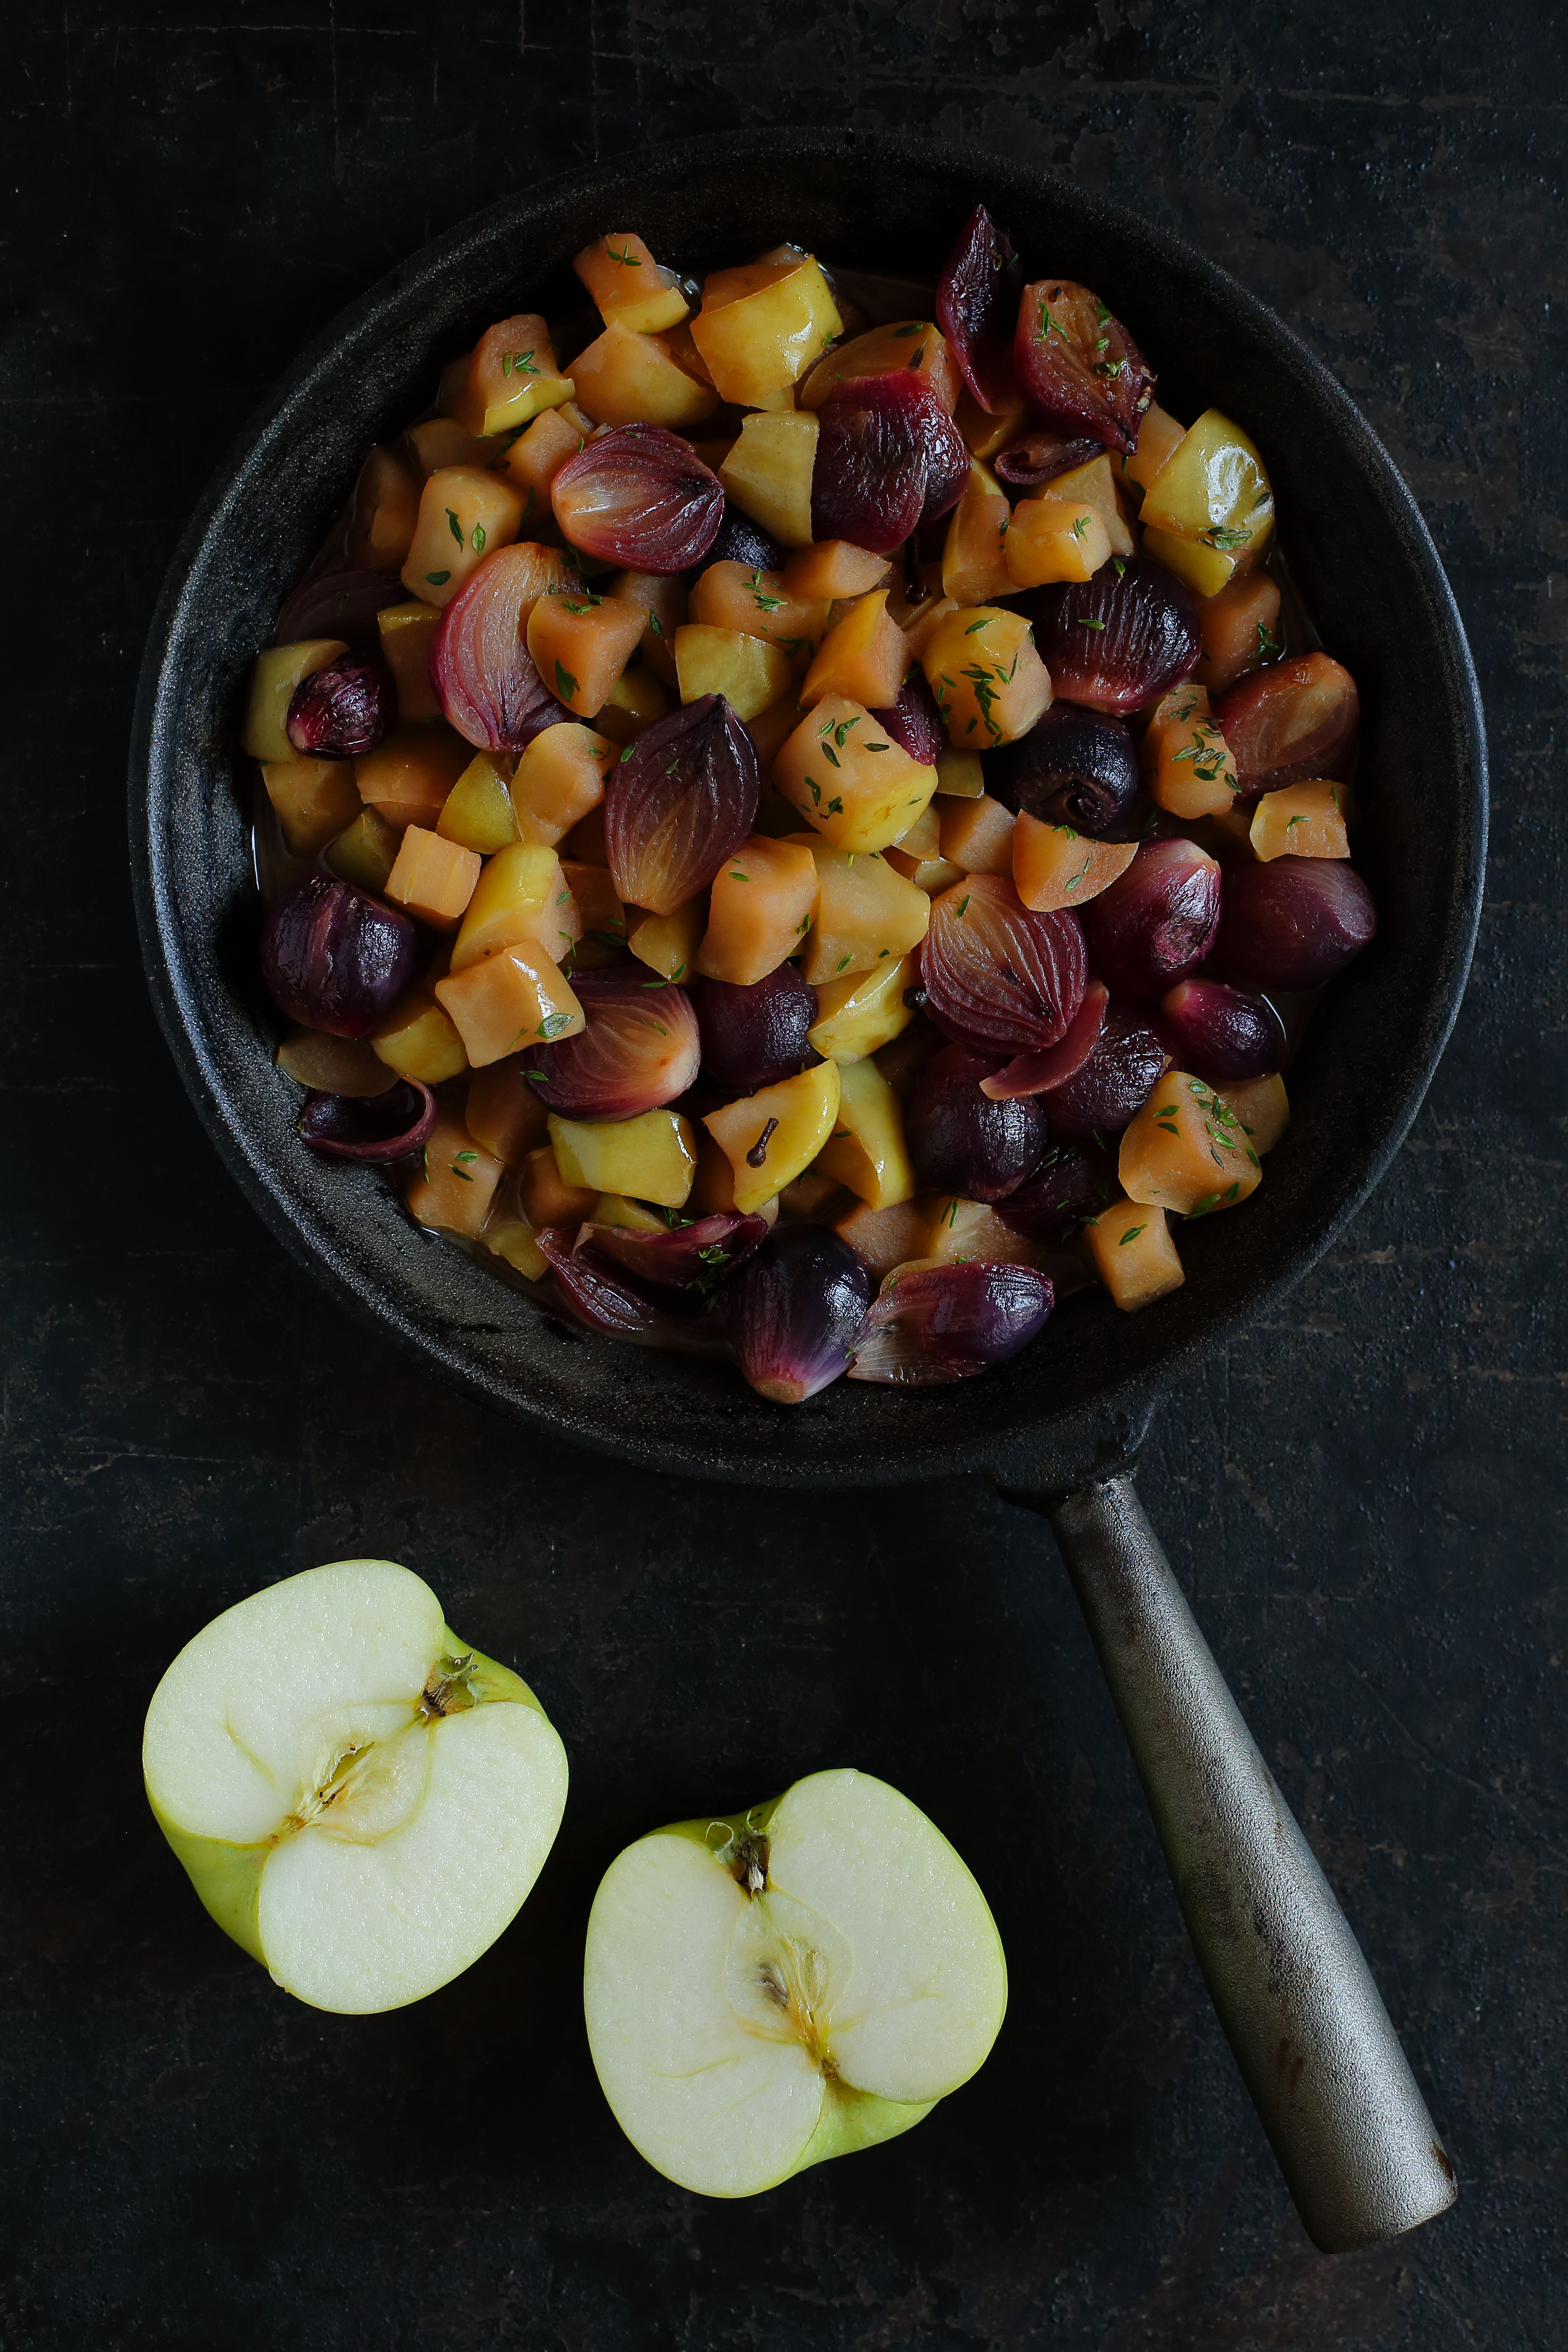 Cebulki z jabłkiem karmelizowane w cydrze